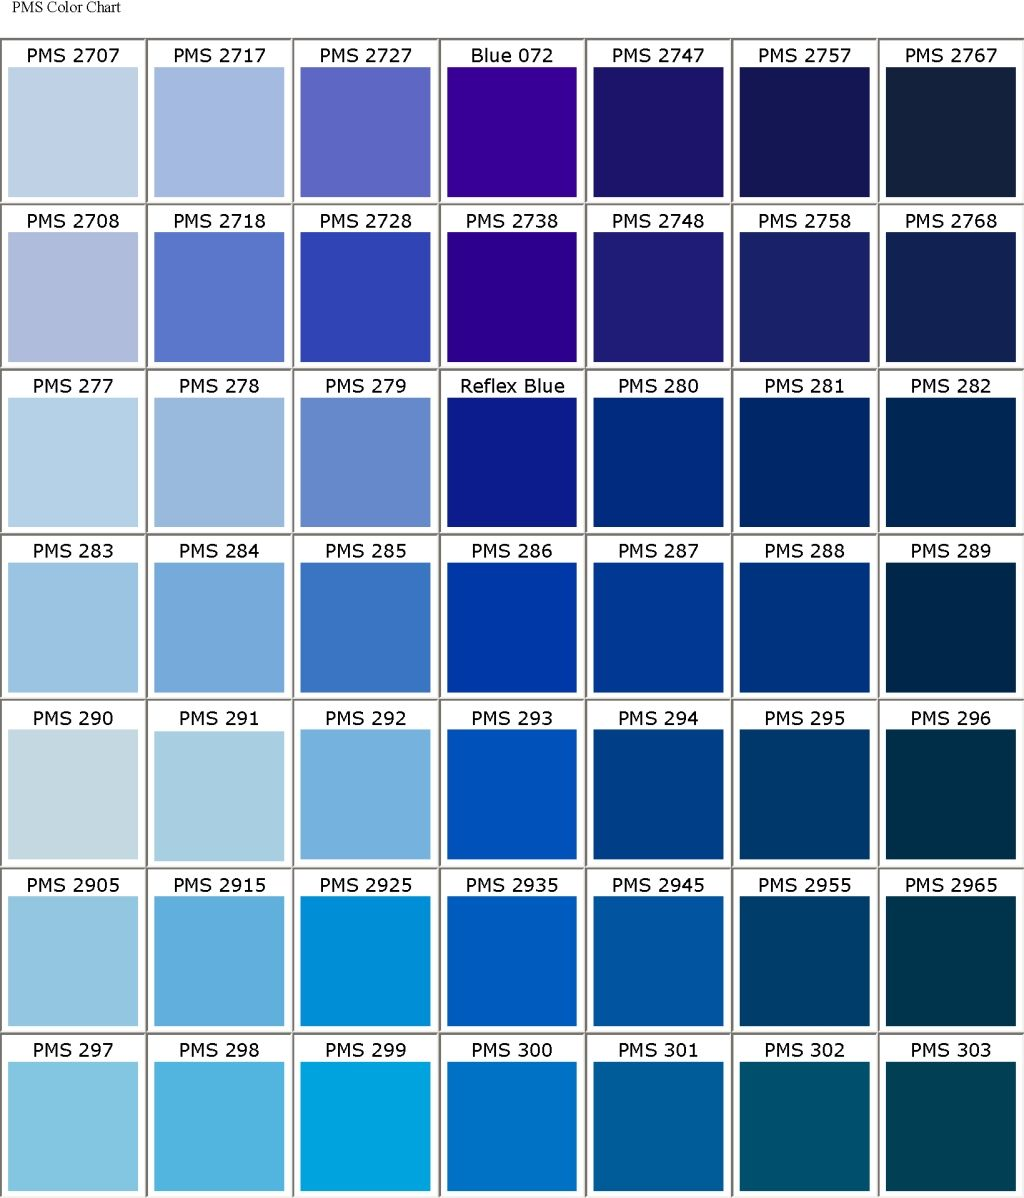 pantone farbe art von blau blauen kleidern farbpaletten hochzeit inspiration farbkarten blautne farben blau - Farbpalette Blau